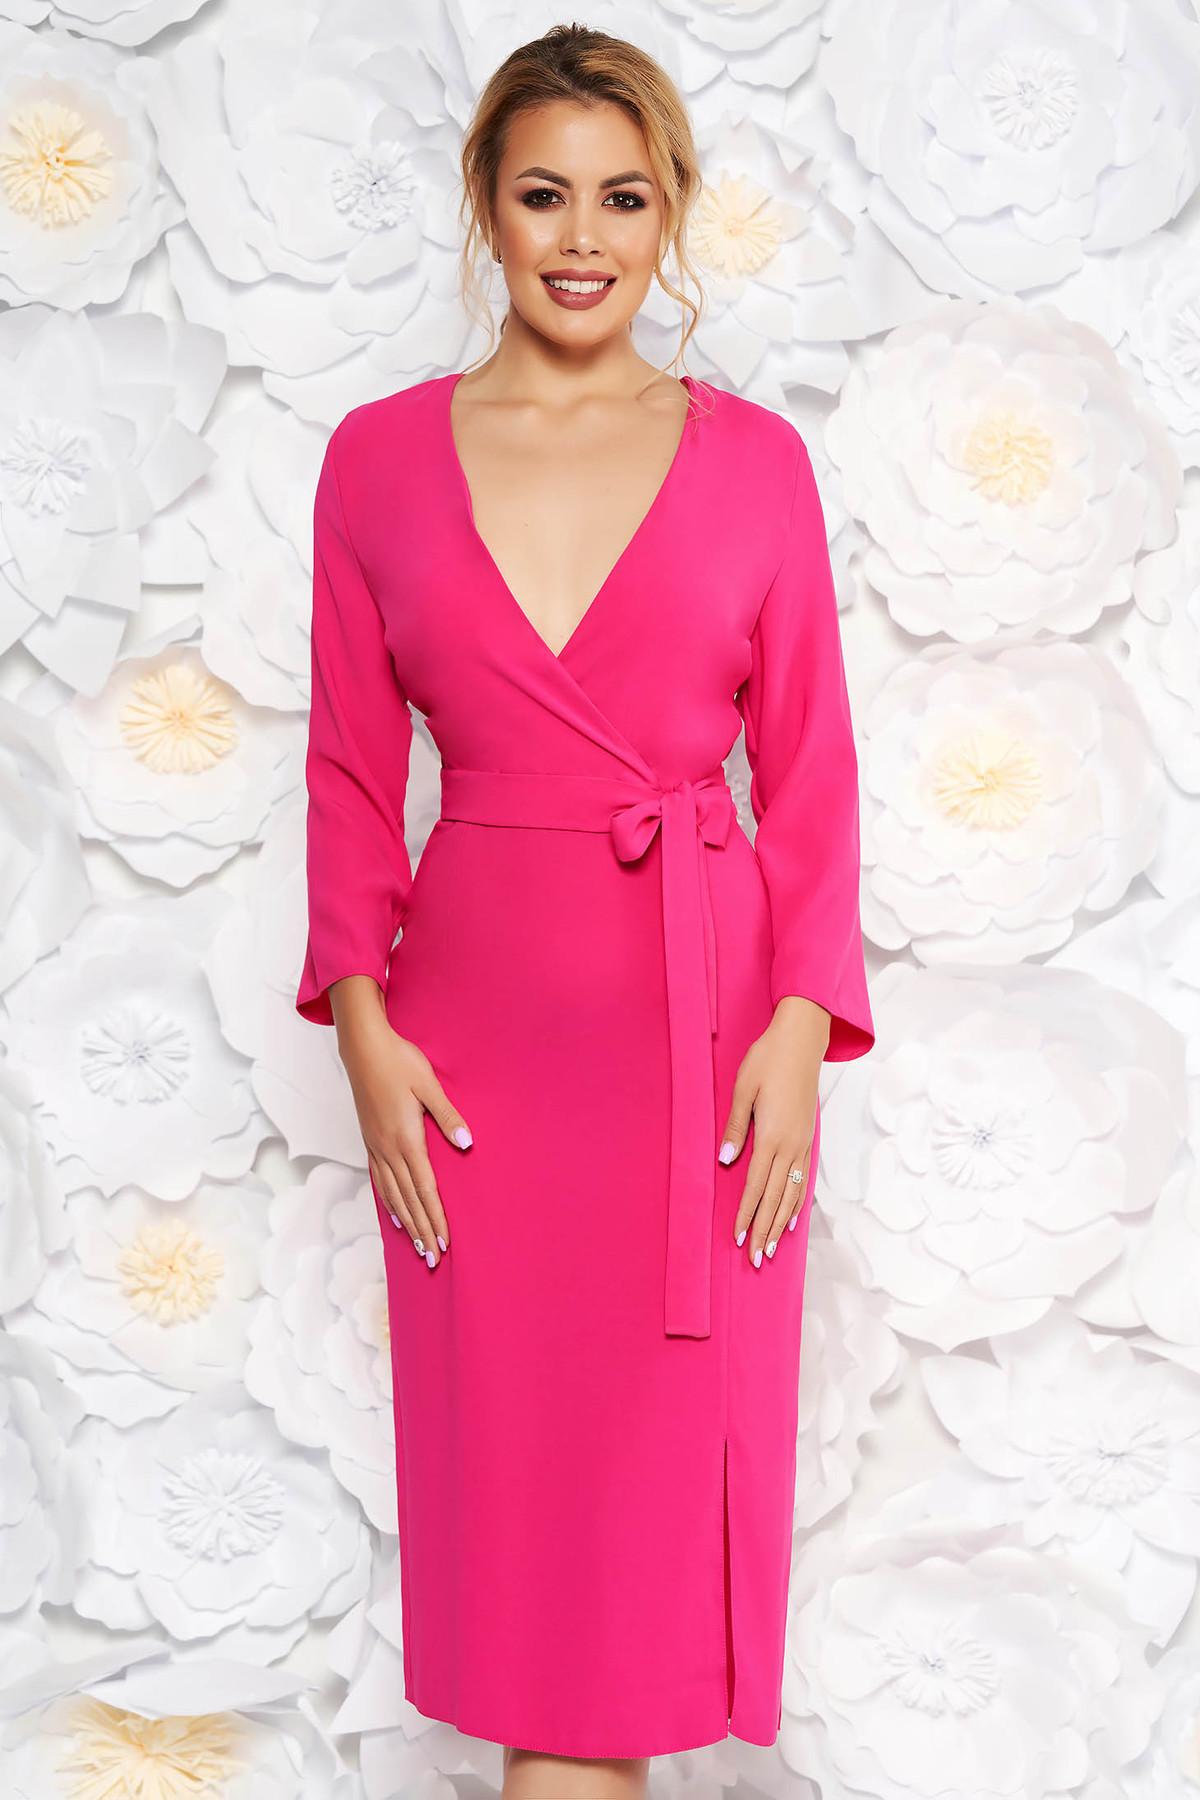 Rochie StarShinerS roz eleganta cu decolteu in v din material neelastic accesorizata cu cordon